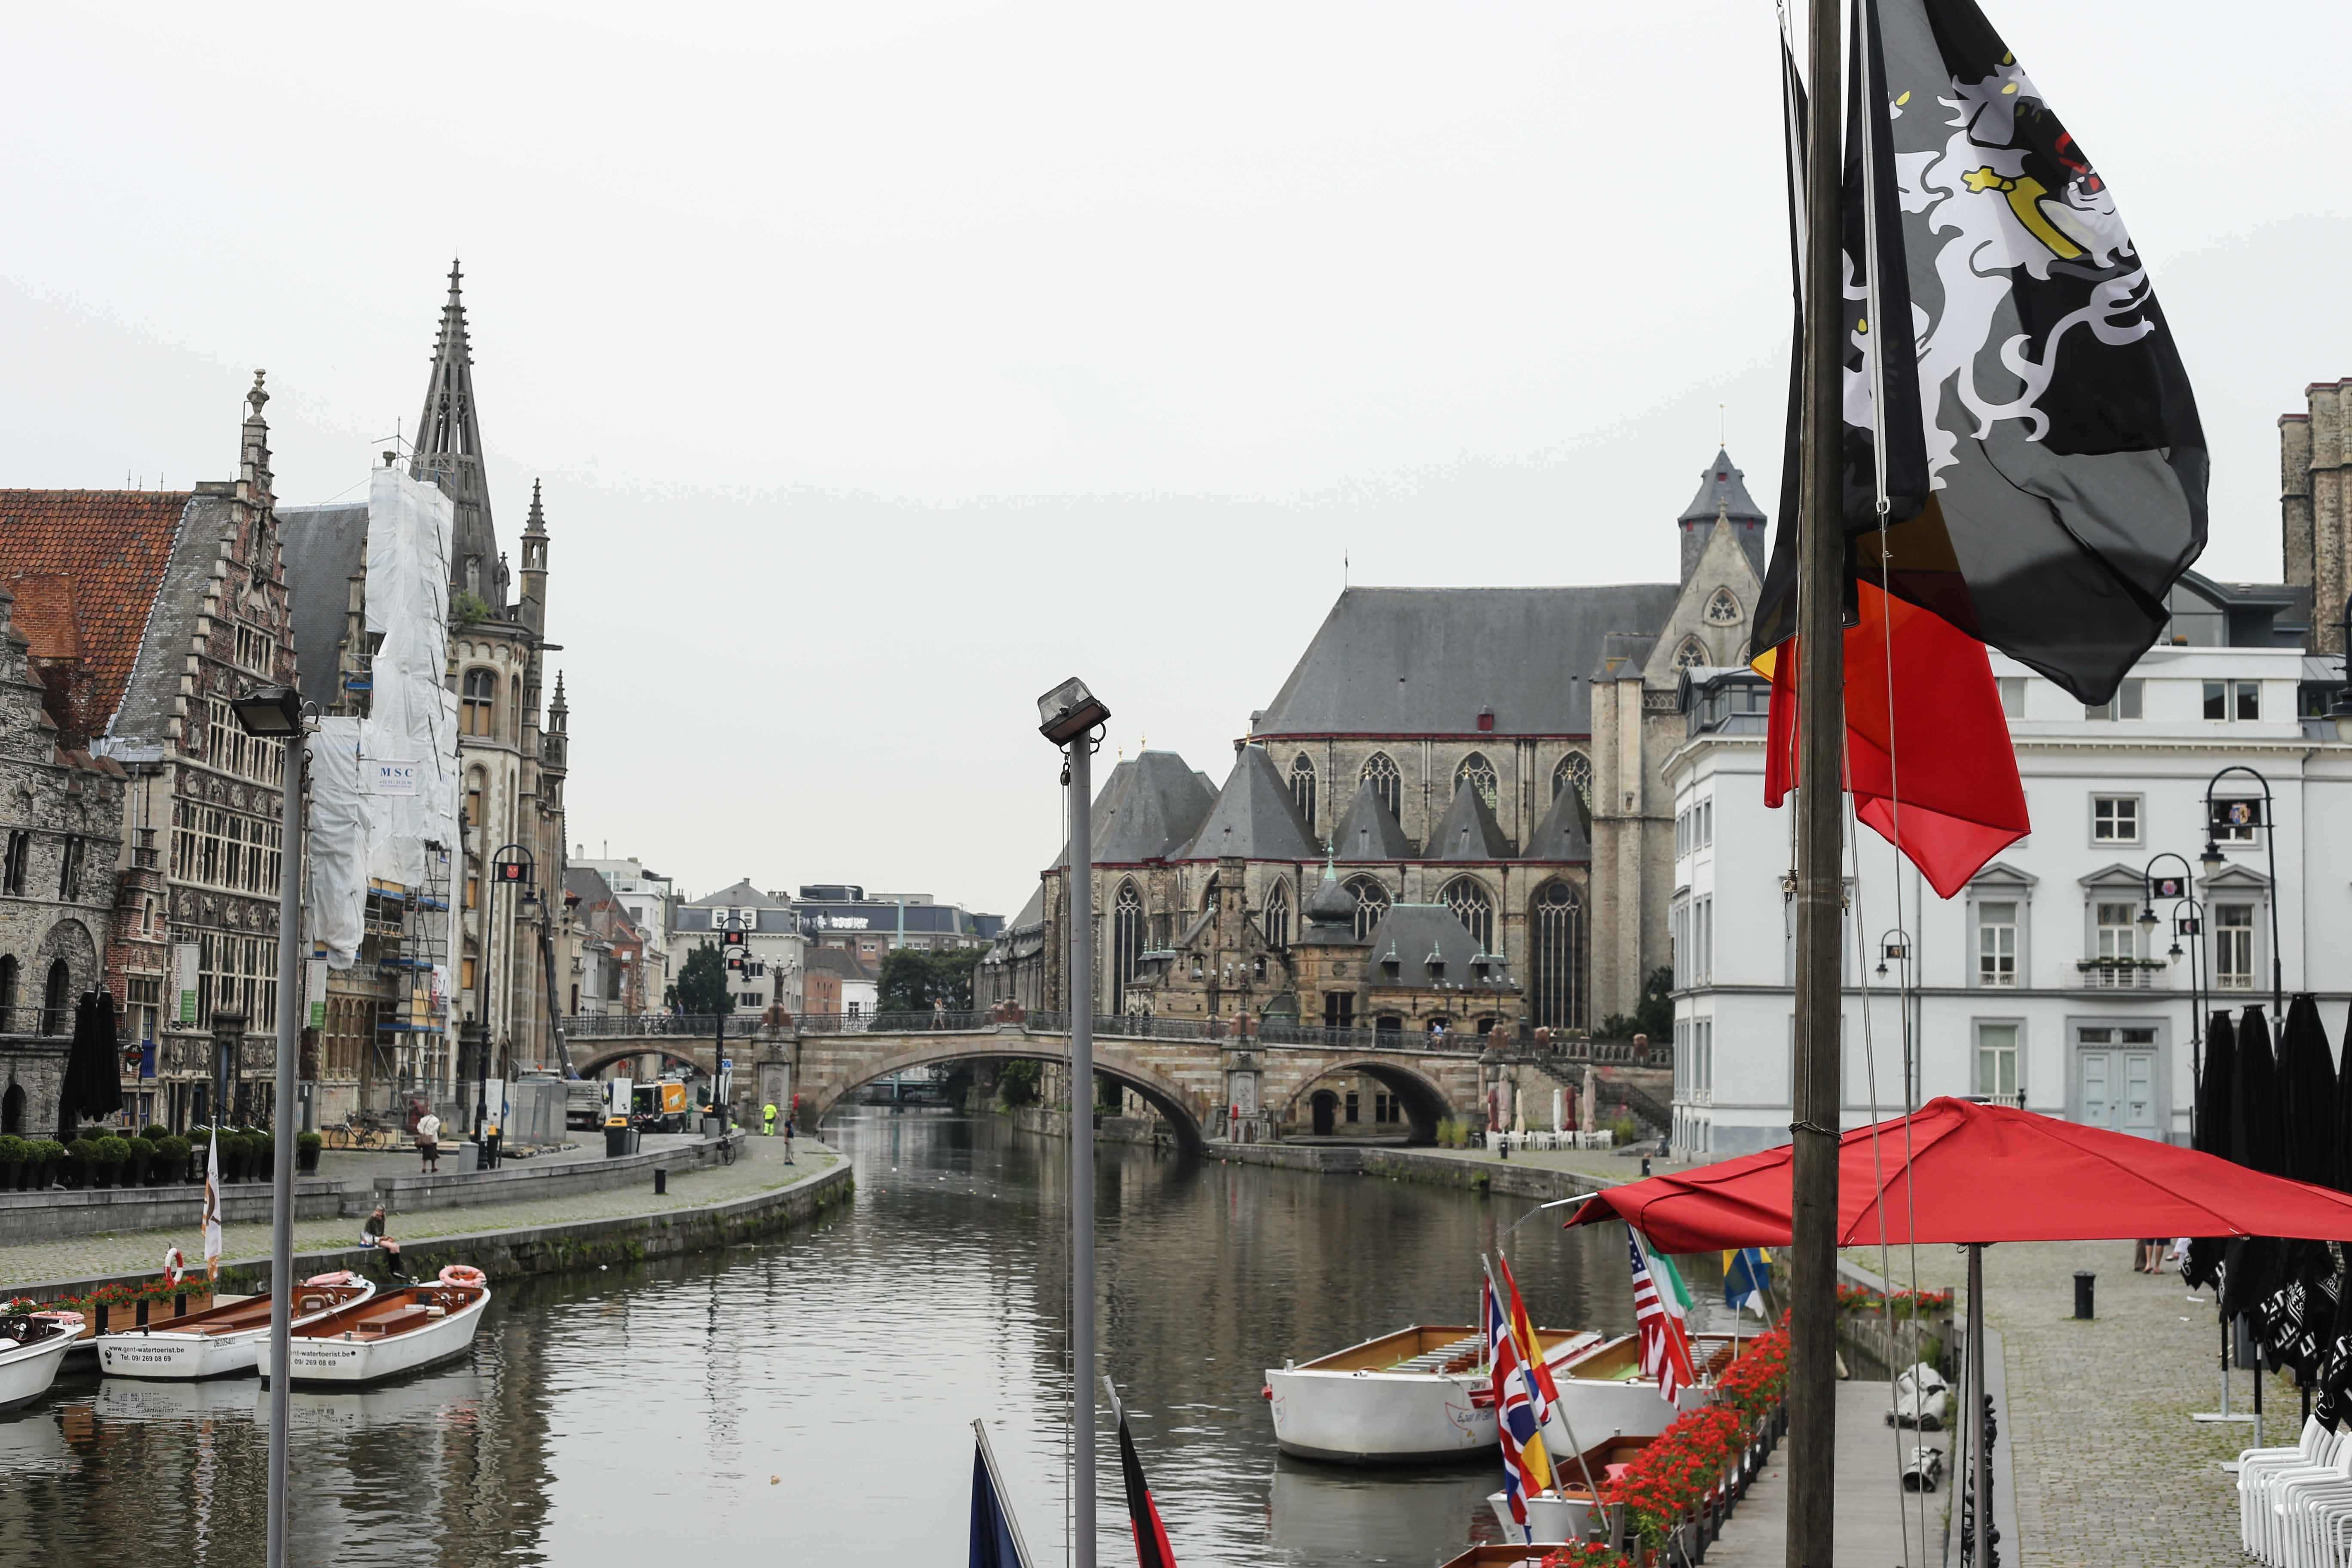 Gent-Kurztrip-Empfehlung-Sehenswürdigkeiten-Kanäle-Reiseblog-Belgien